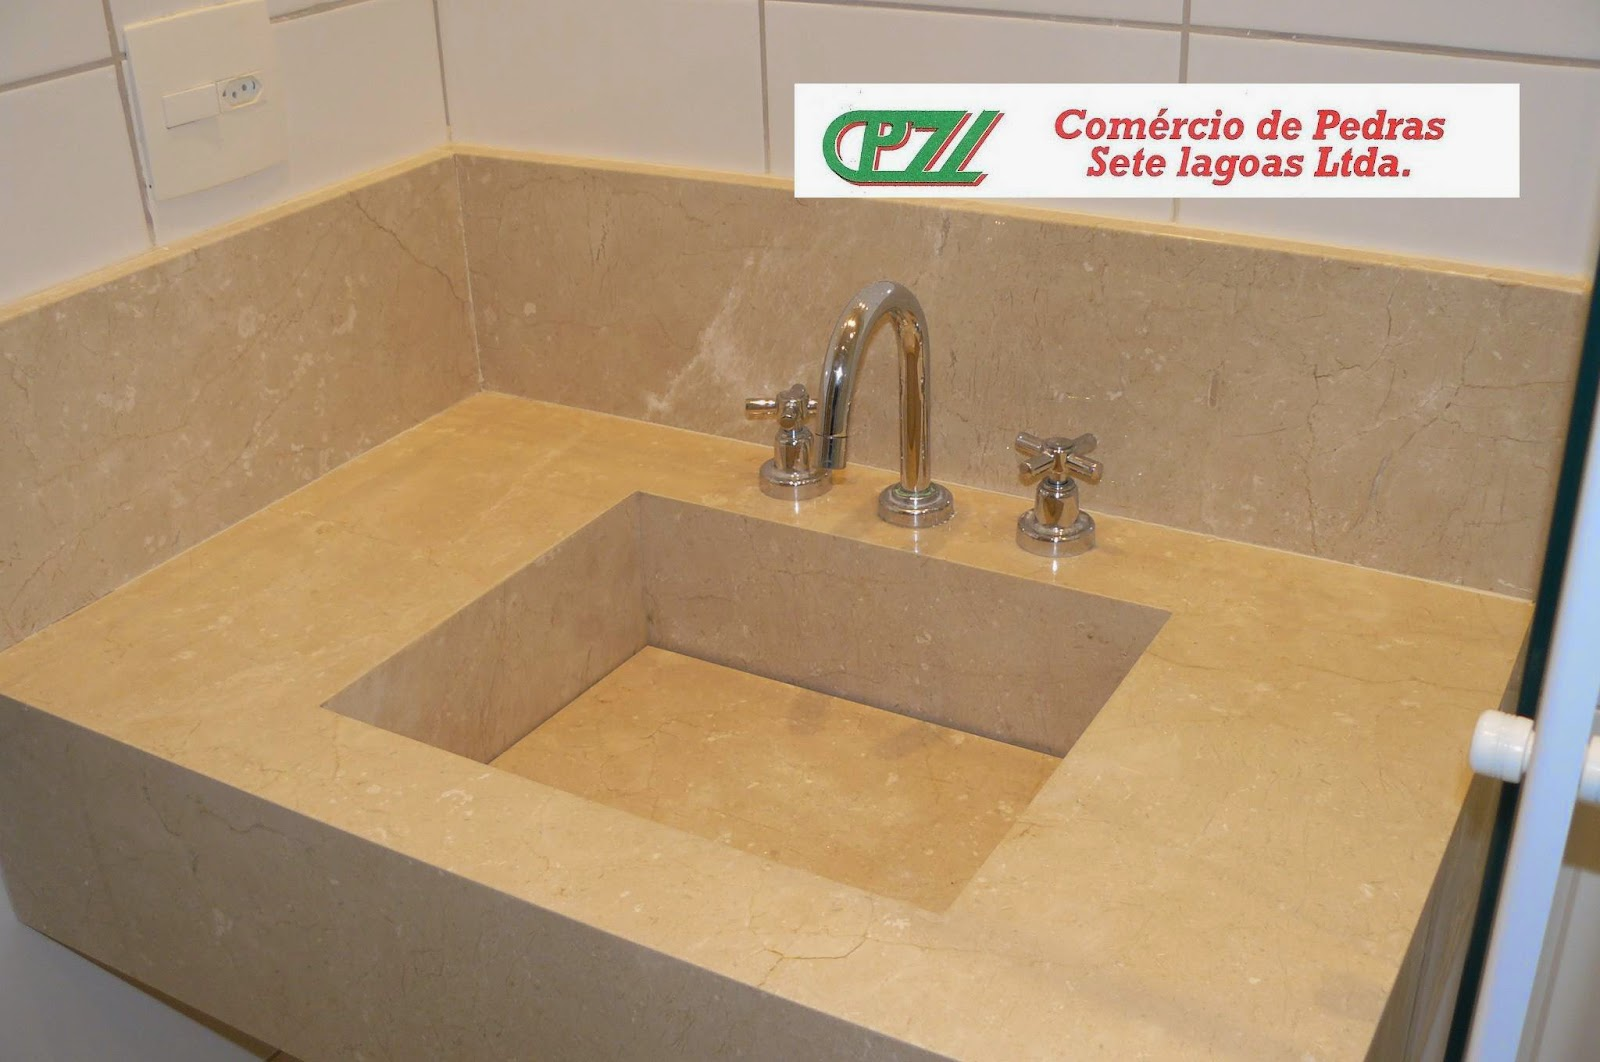 Banheiro Branco Prime  rinkratmagcom banheiros decorados 2017 -> Cuba Banheiro Travertino